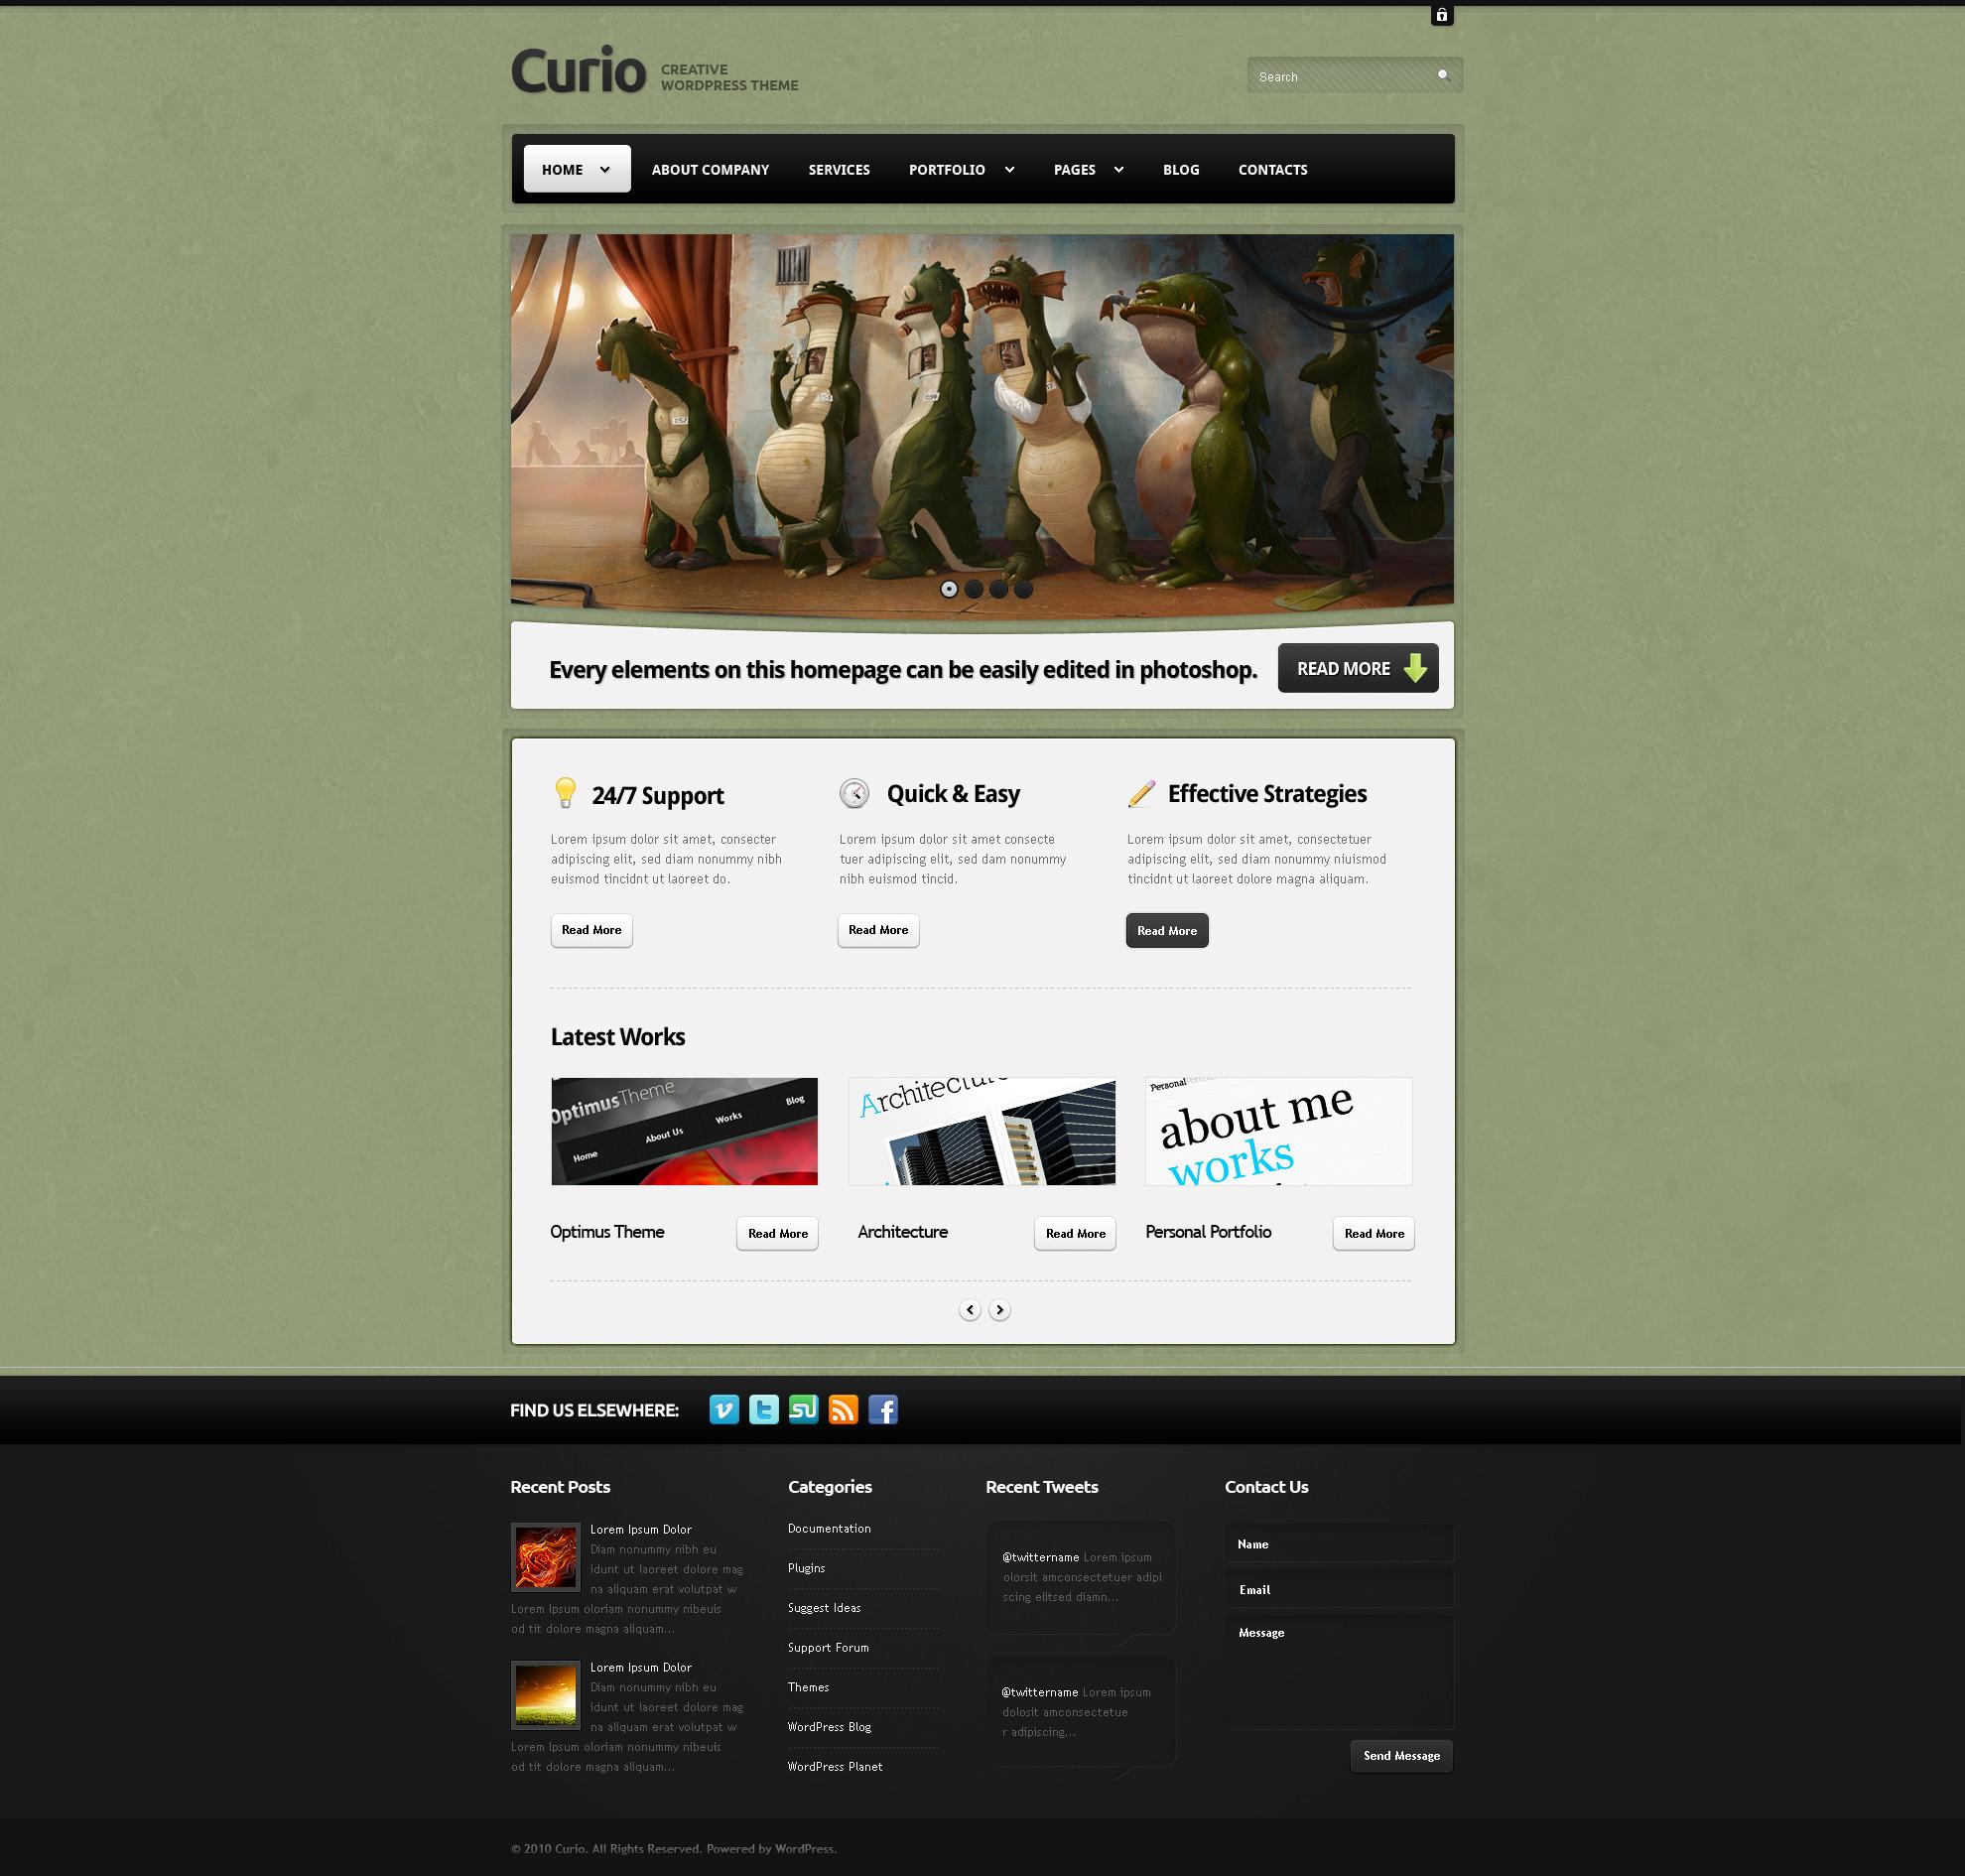 Curio - Clean & Creative Wordpress Theme